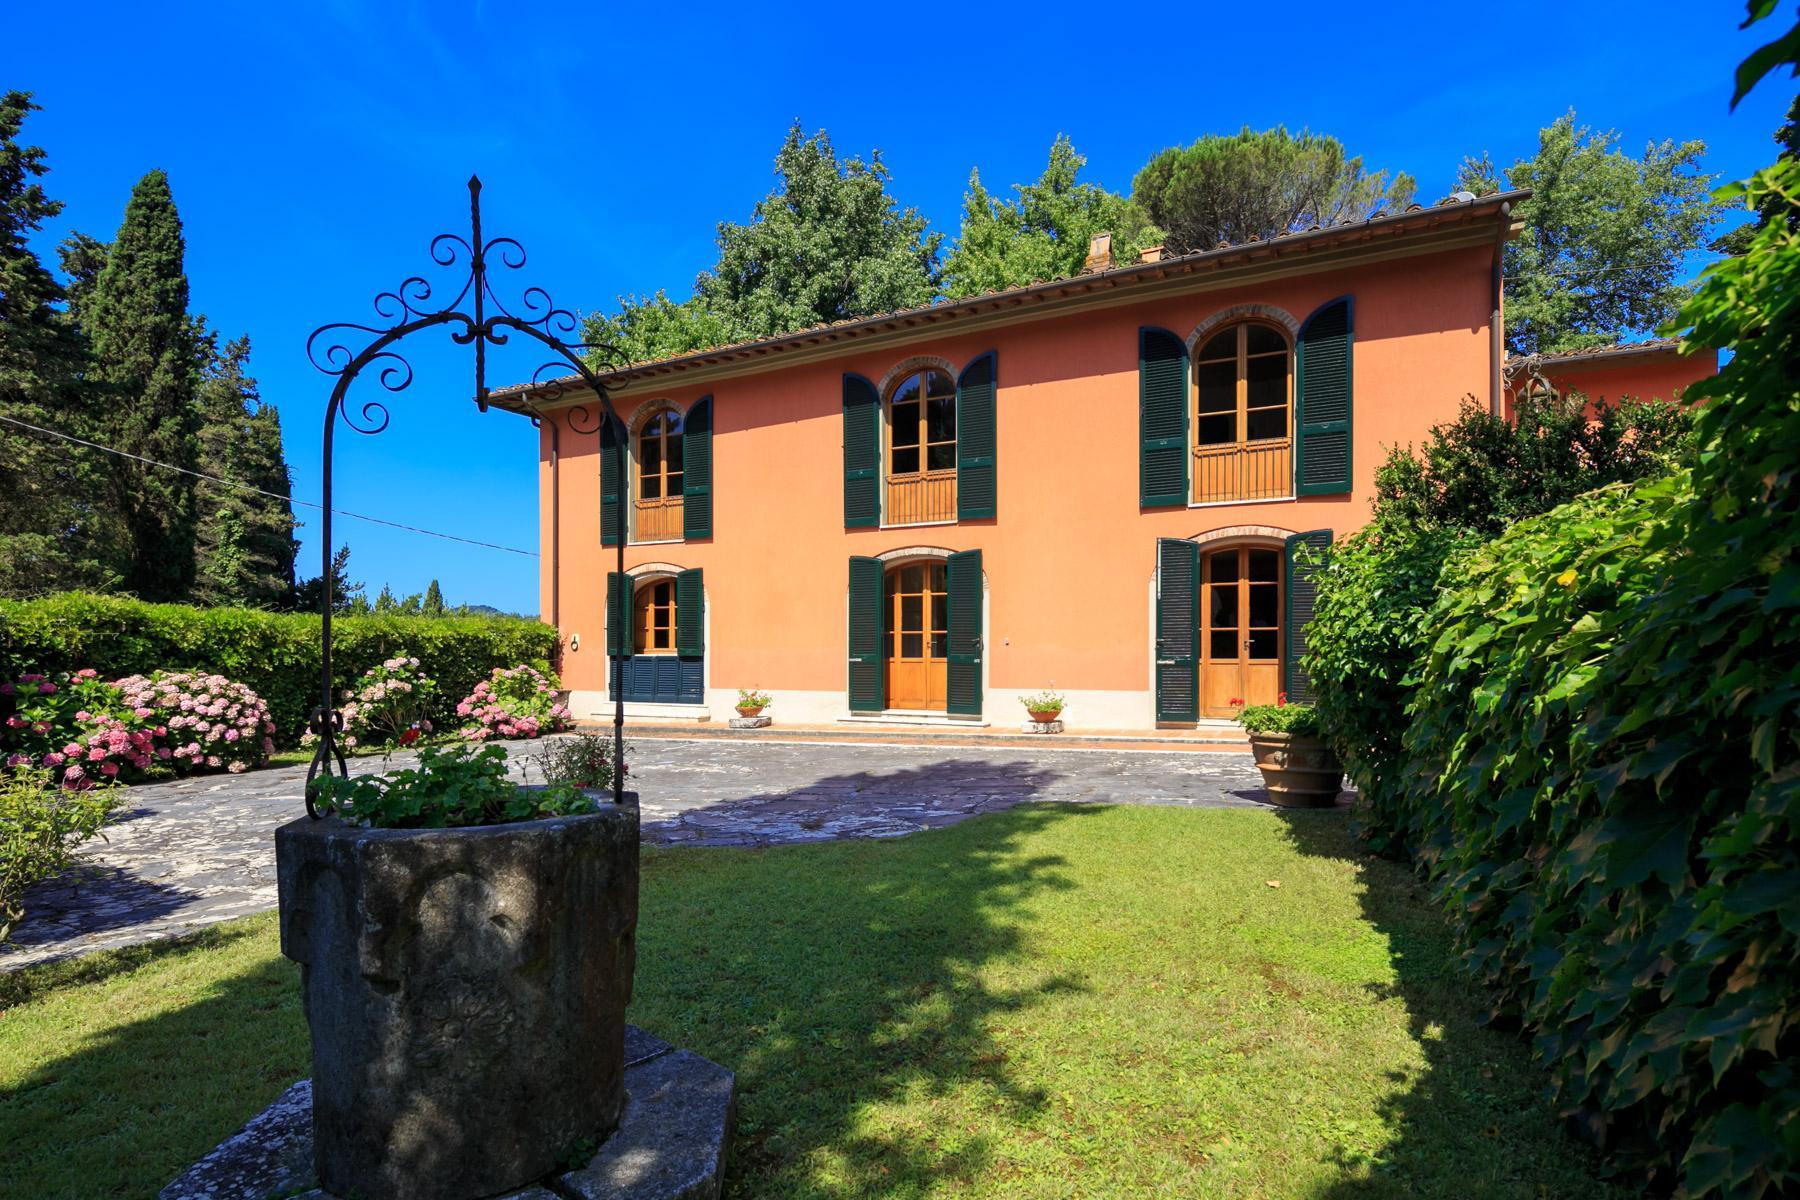 Elegante Villa mit Park und Olivenhainen auf dem Land Luccas - 2